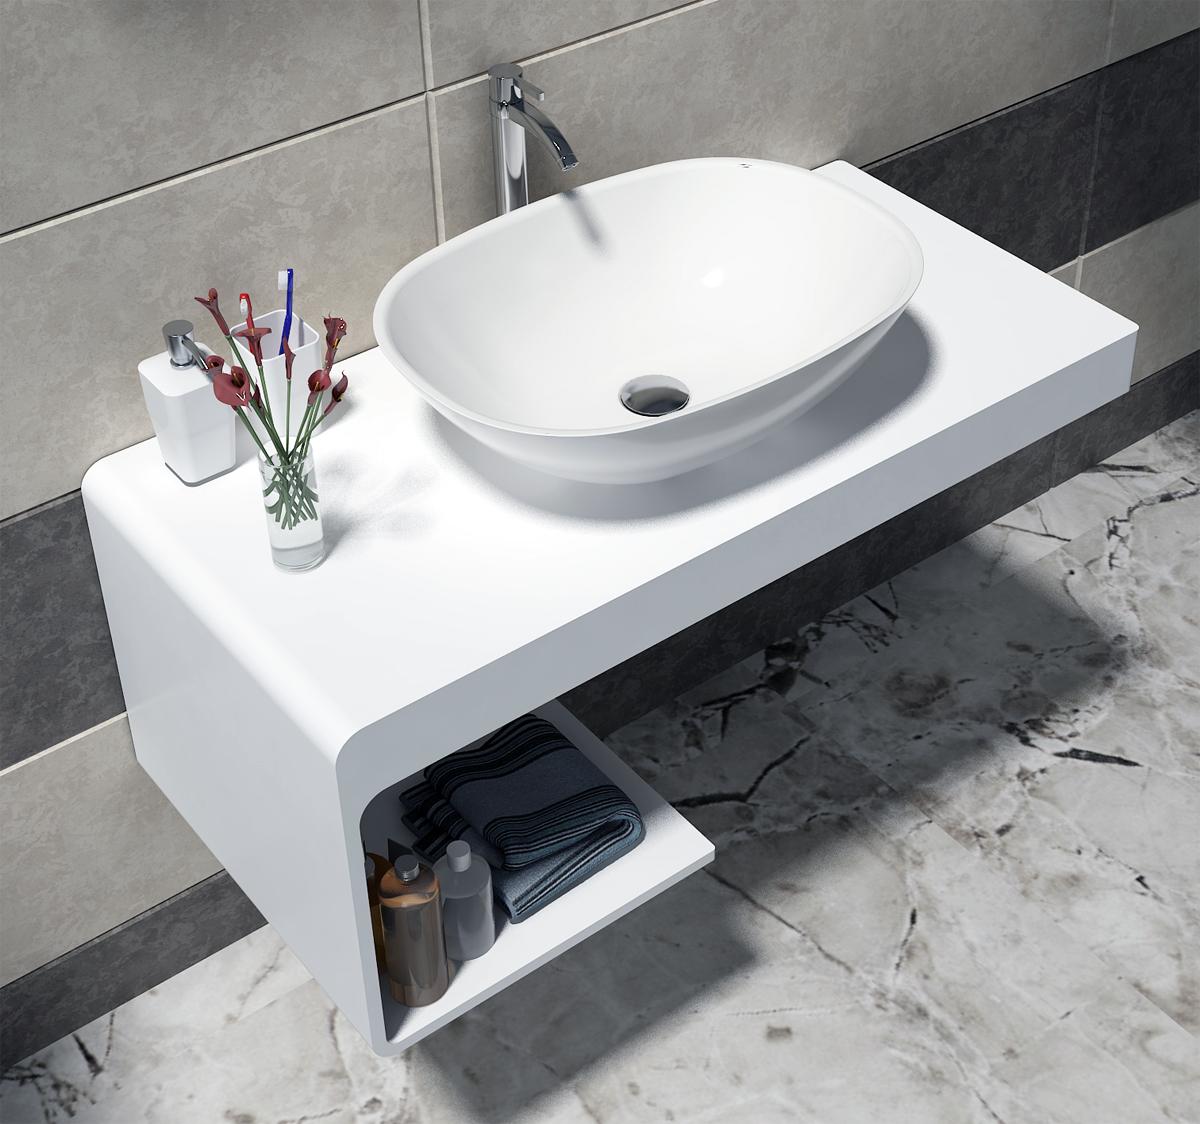 waschtischkonsole waschbecken waschtischplatte aufsatzwaschtisch waschtisch set ebay. Black Bedroom Furniture Sets. Home Design Ideas